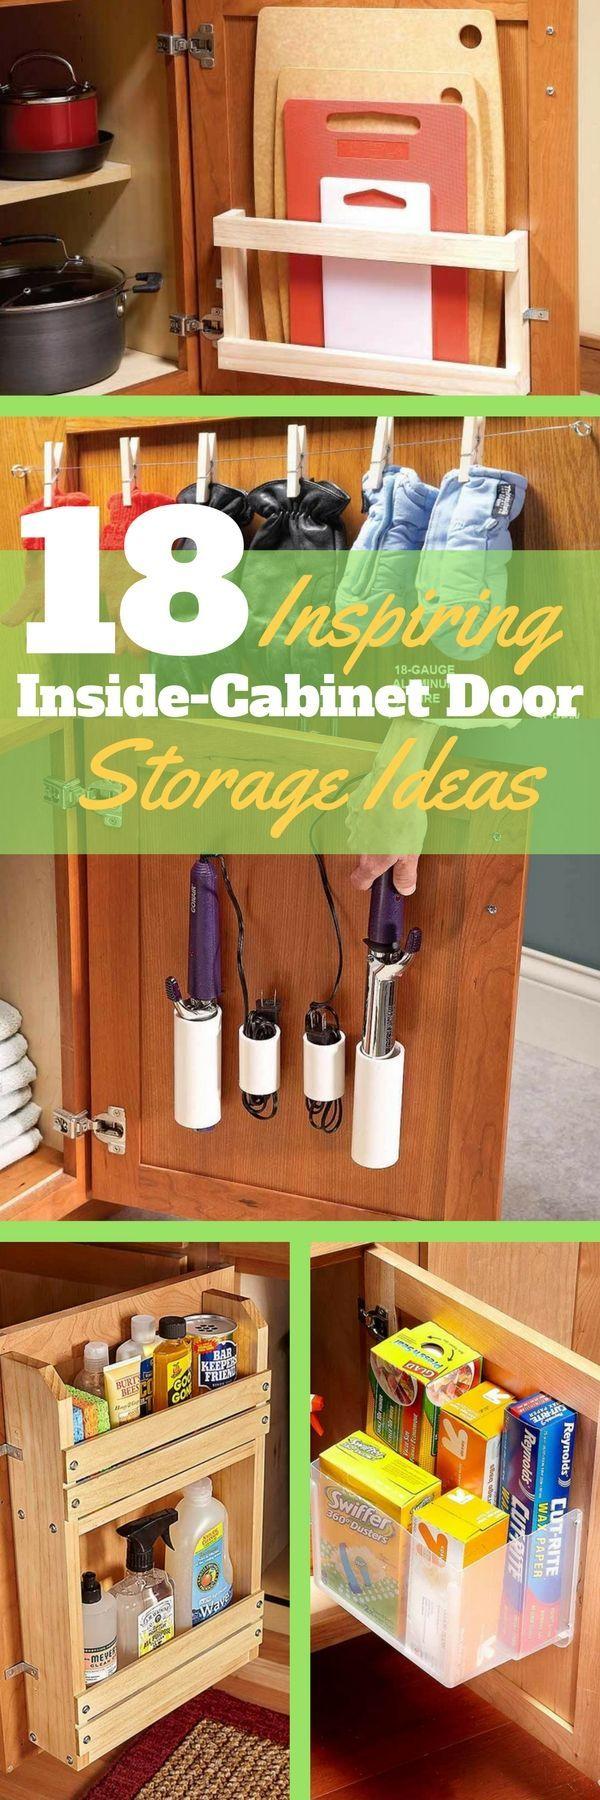 Best 25 Door storage ideas on Pinterest Pantry door storage